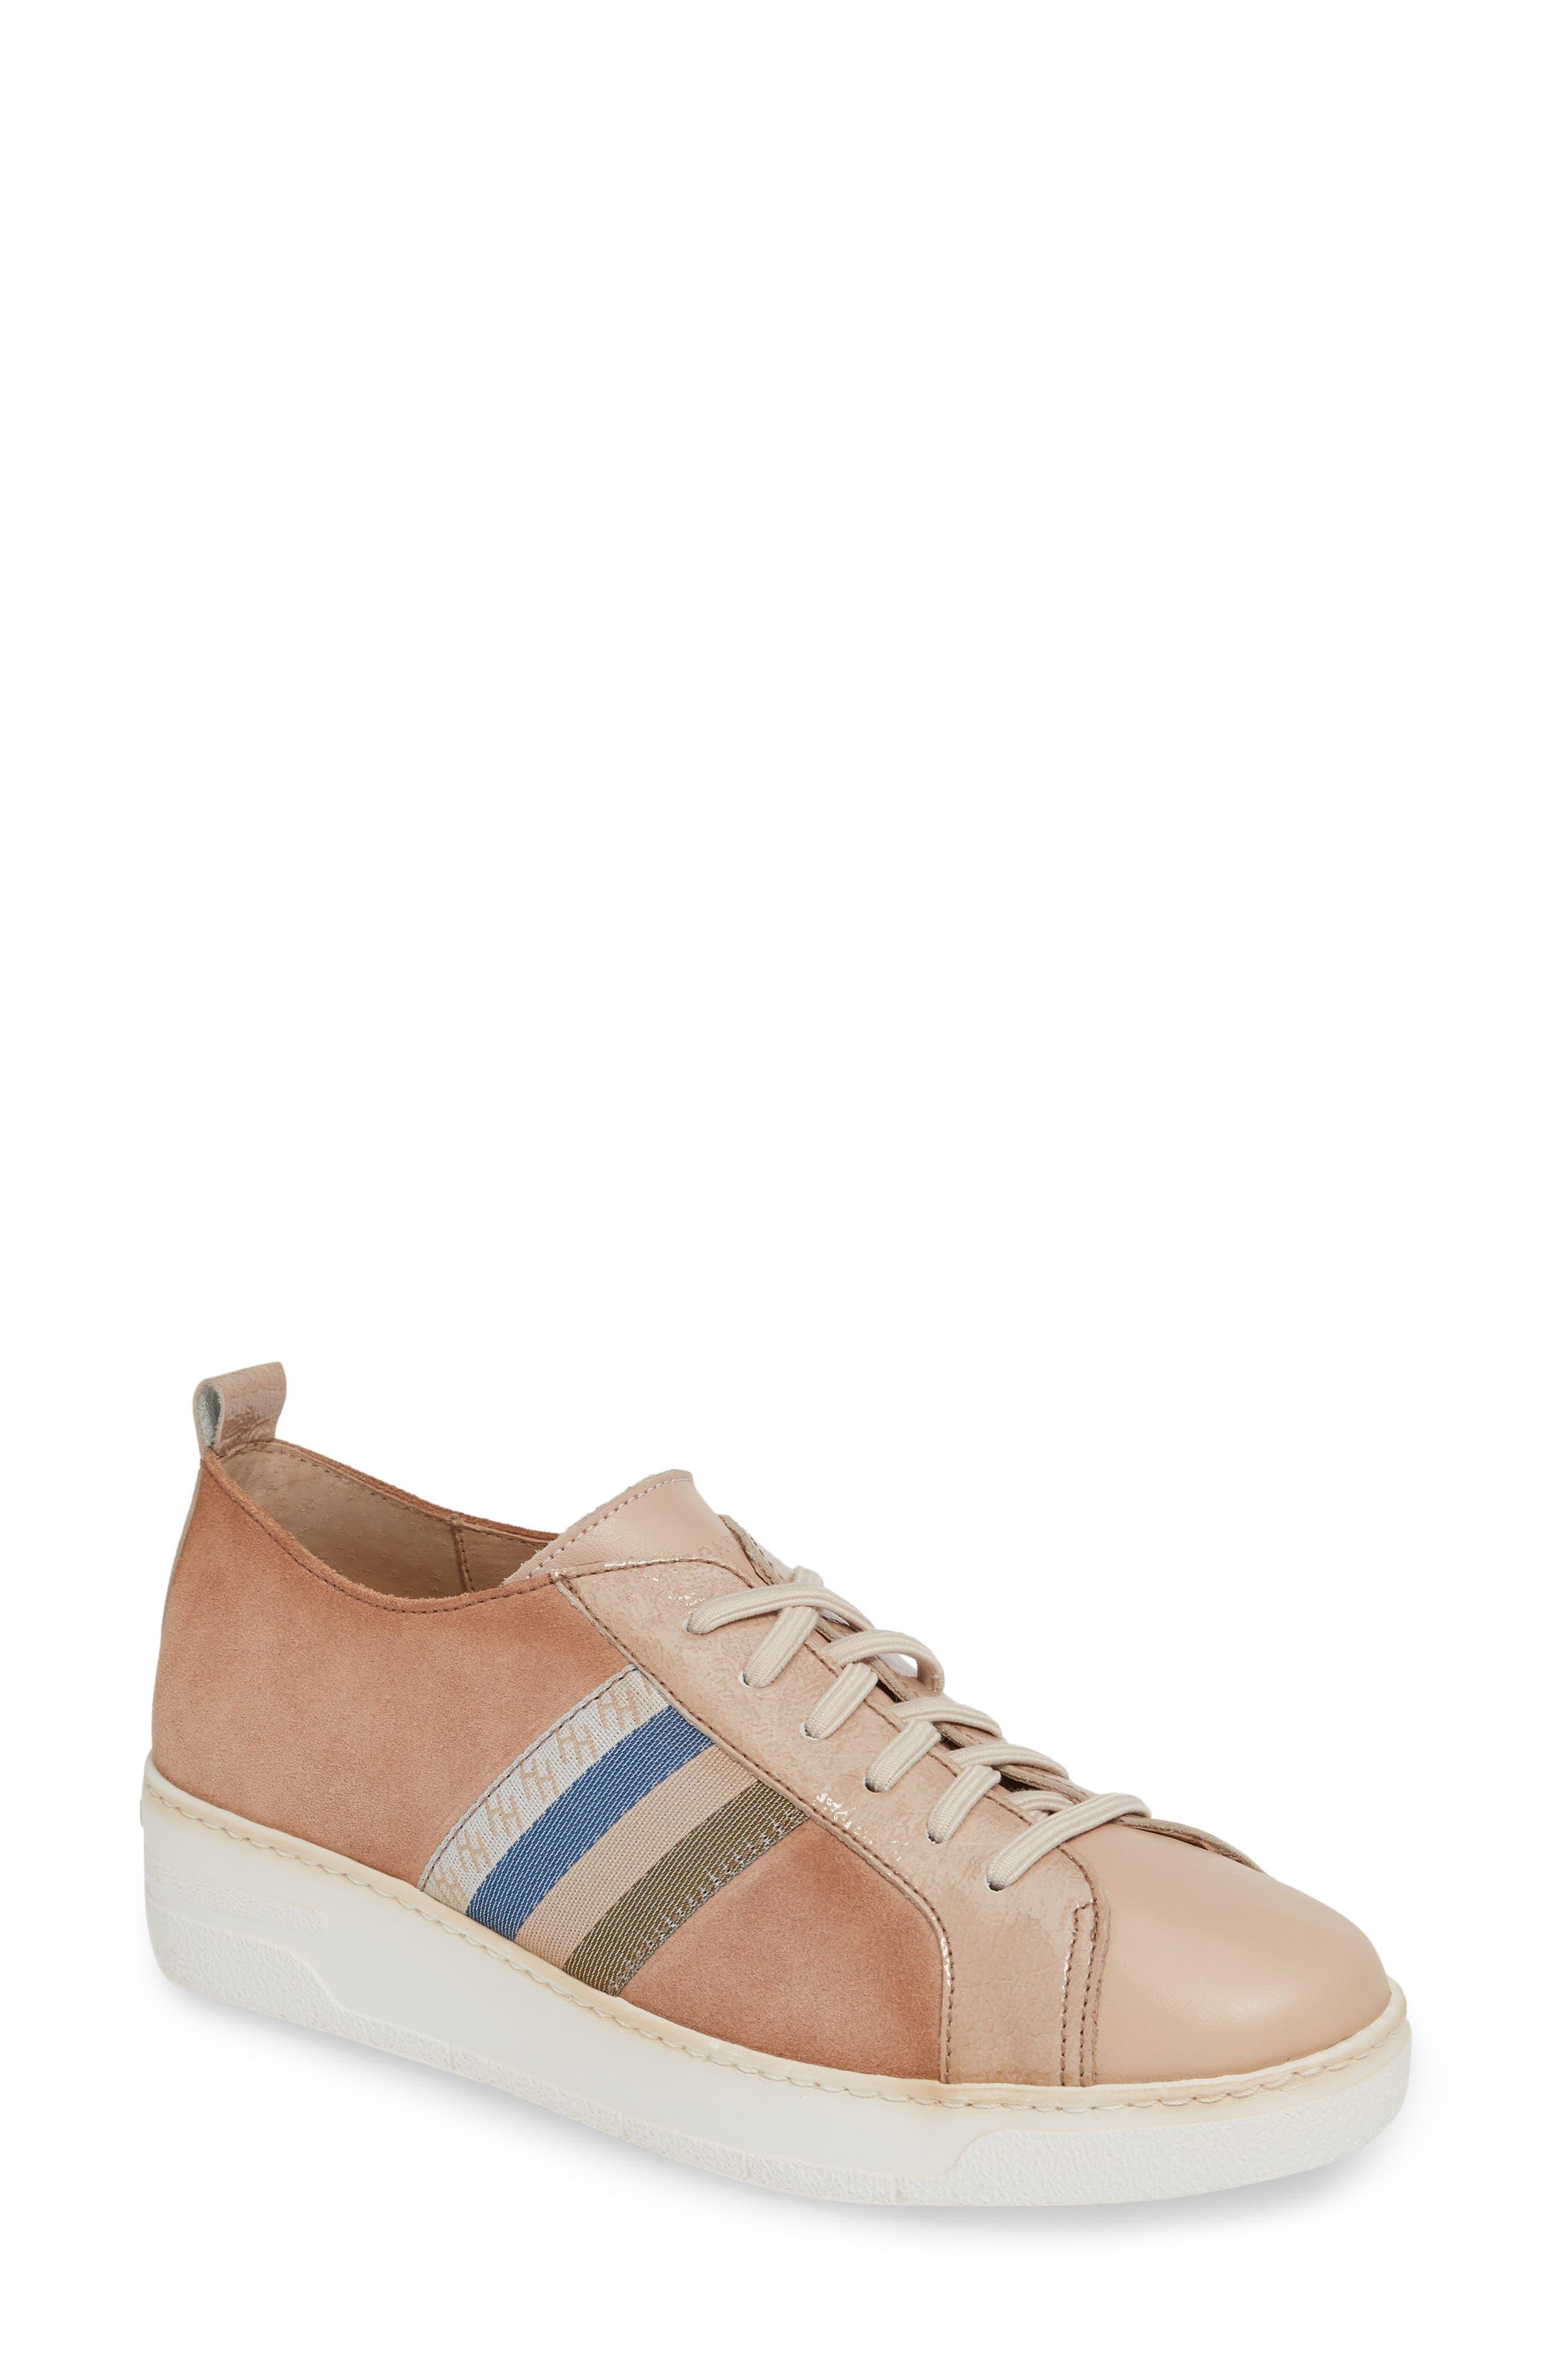 Hispanitas Kailua Platform Sneaker - Brown